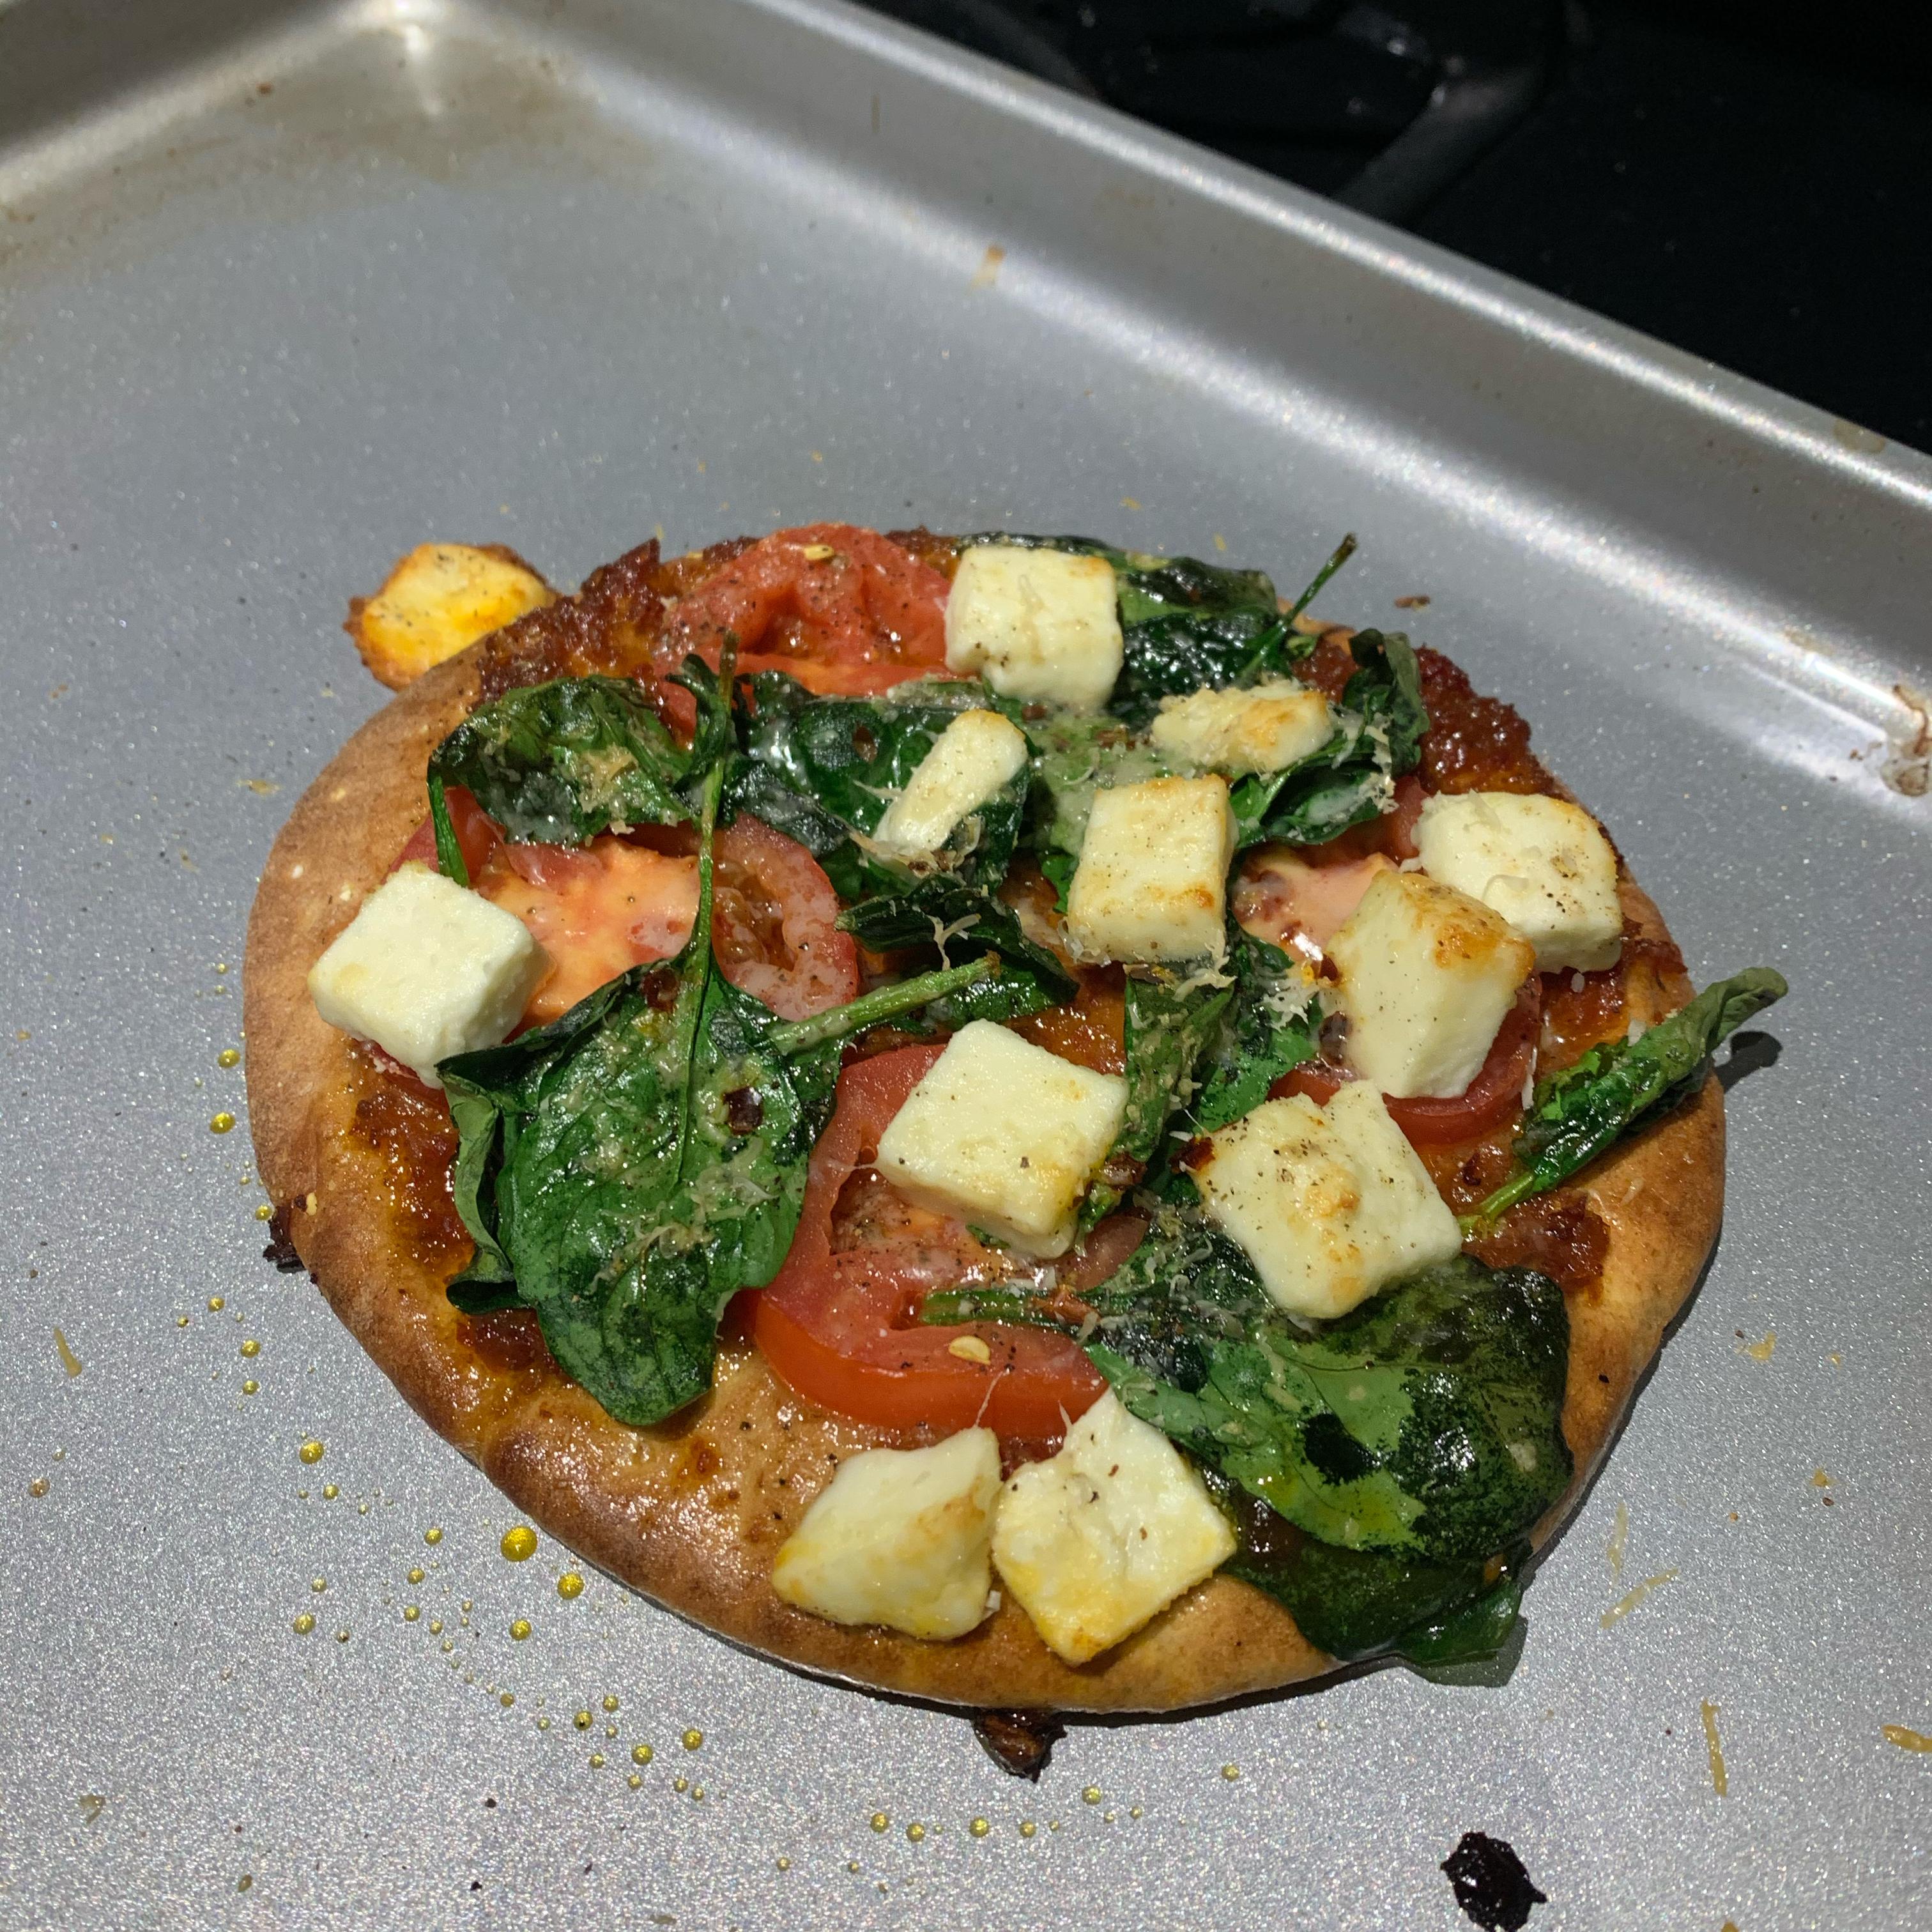 Spinach and Feta Pita Bake Pat J